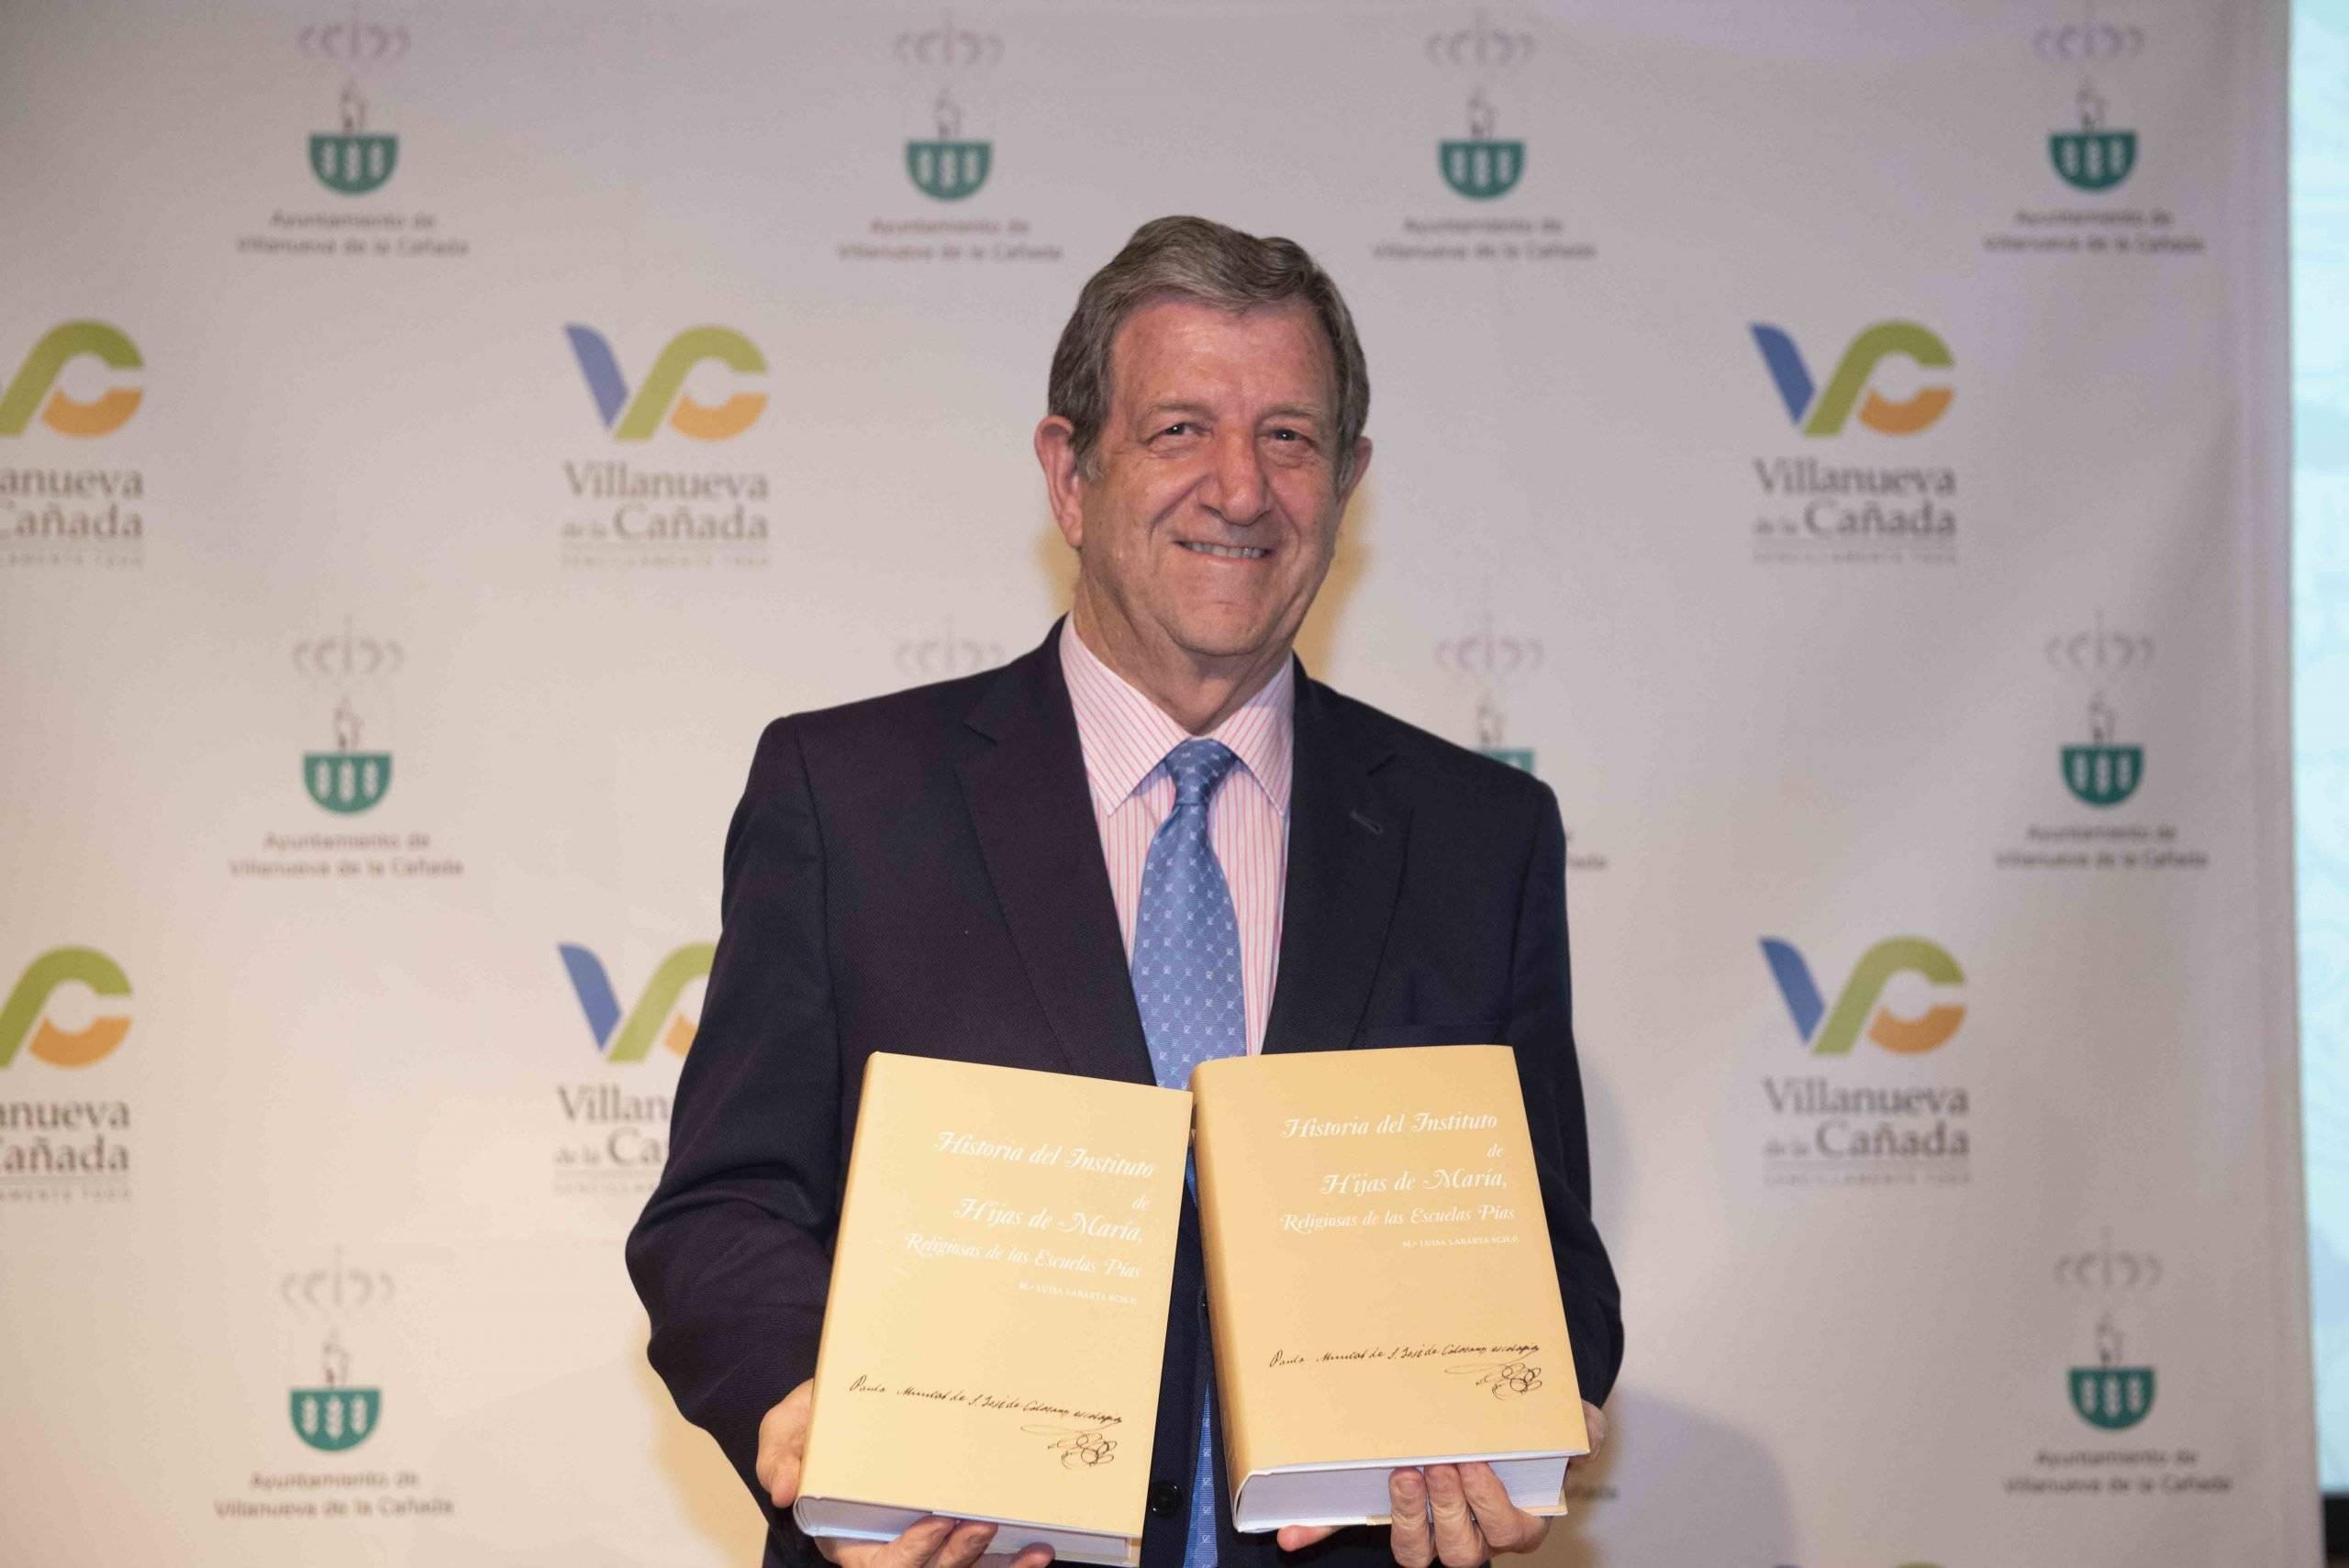 El alcalde posando con dos publicaciones que las Escolapias le entregaron durante el acto.